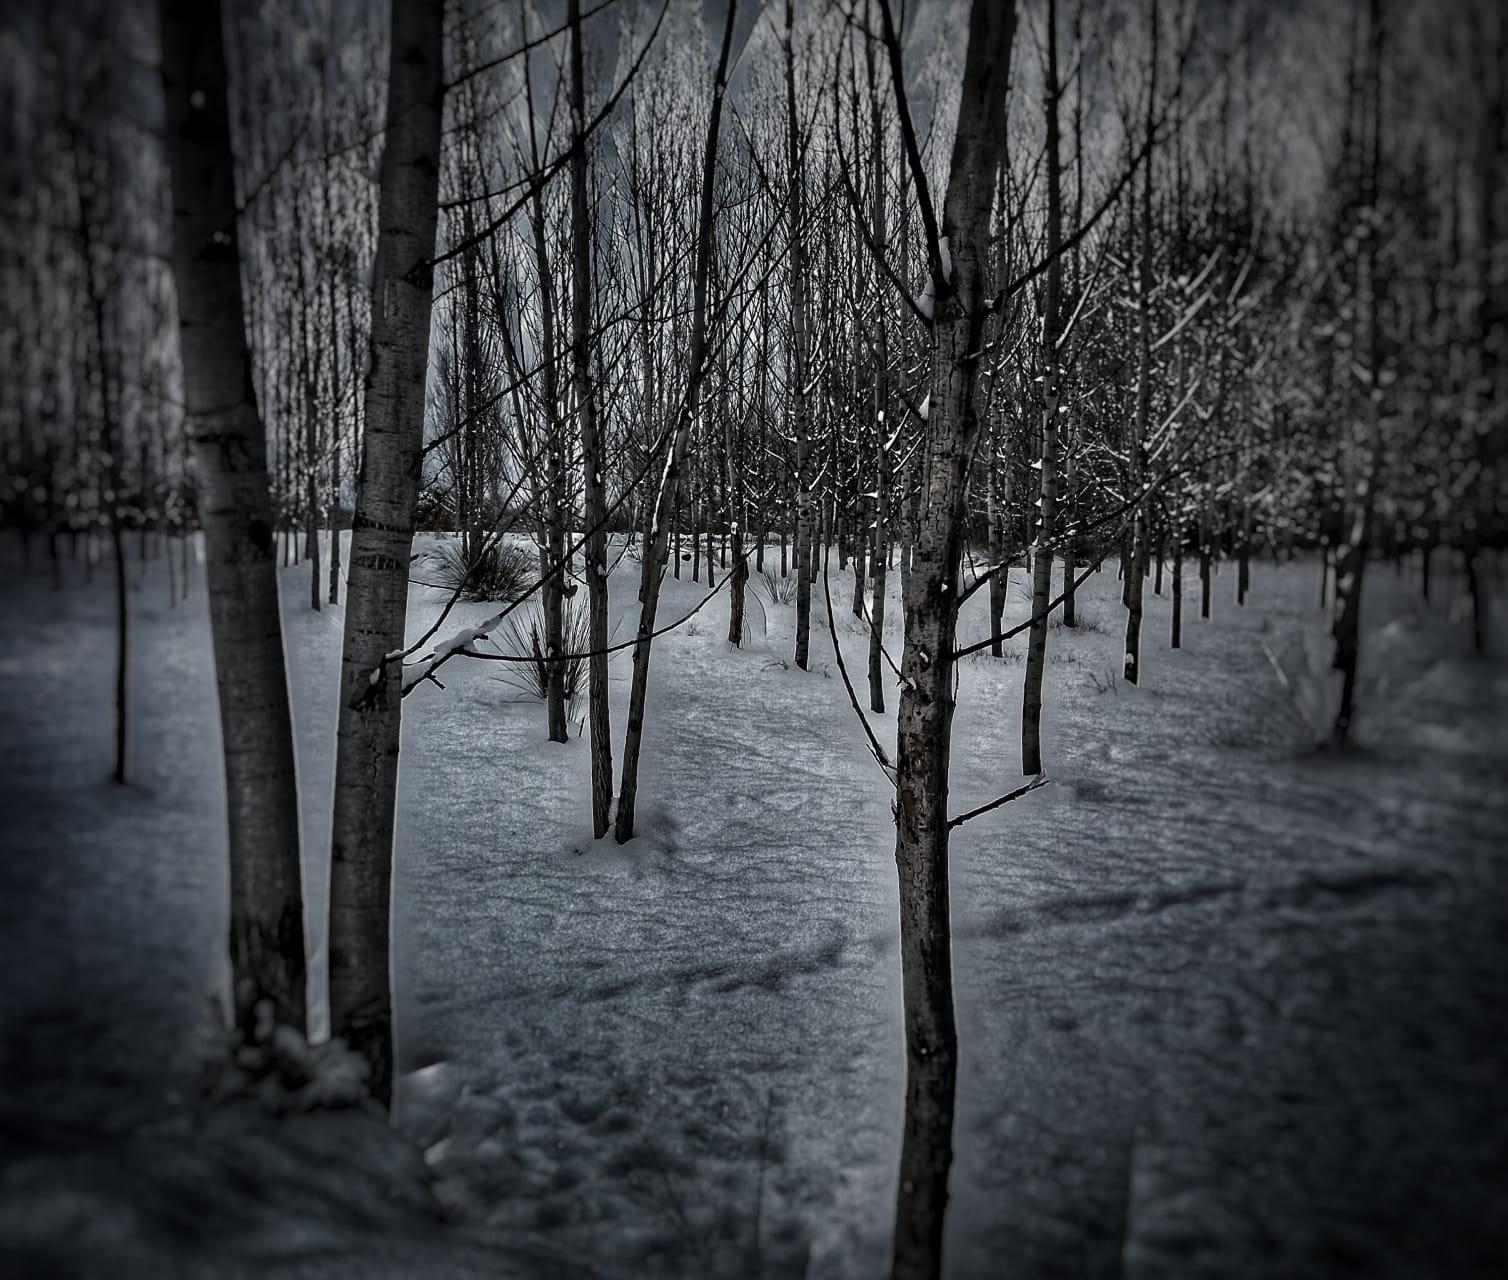 La soledad del invierno